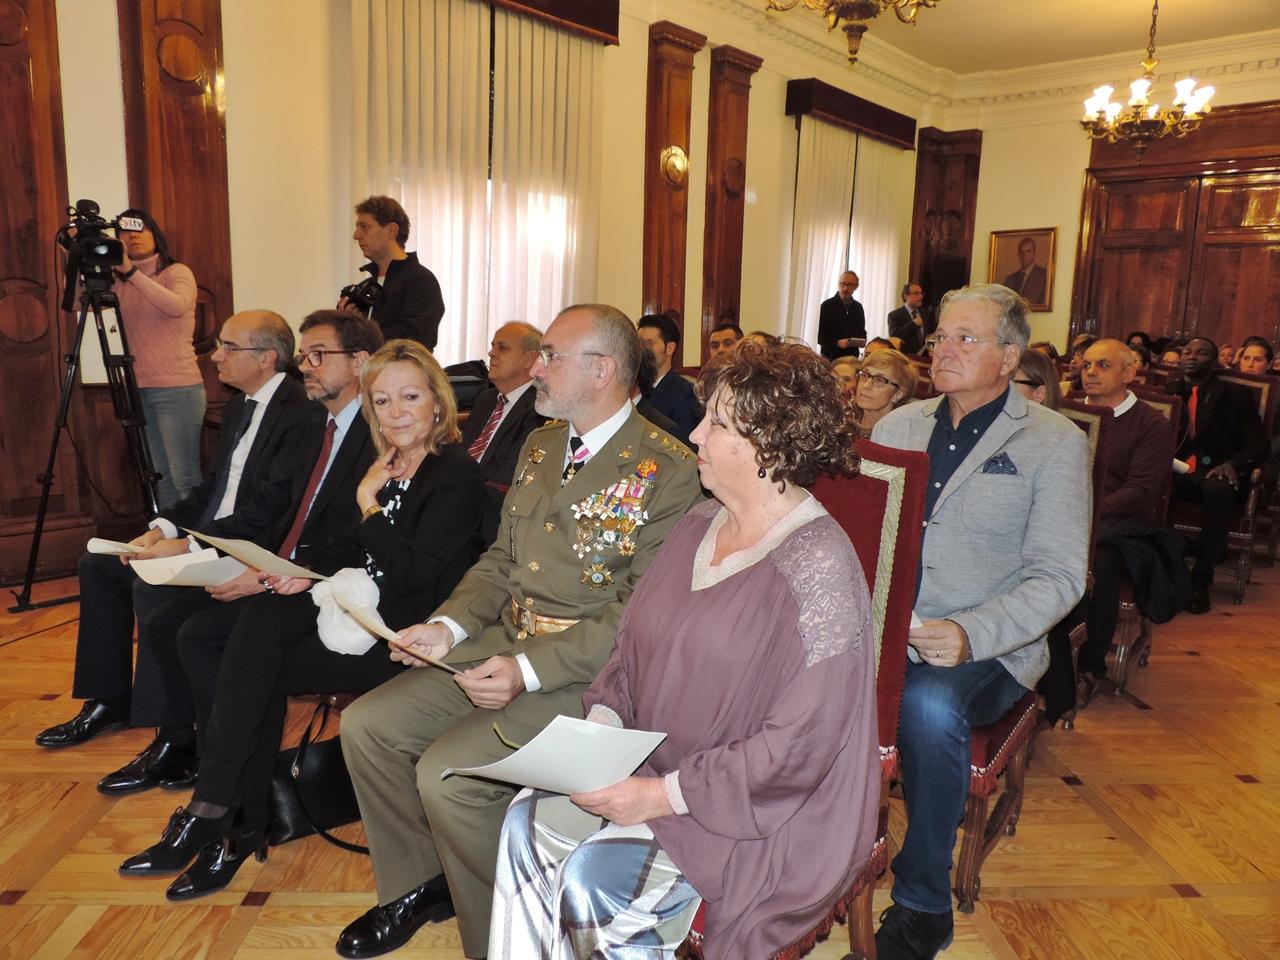 La sociedad salmantina celebra el 70 aniversario de la Declaración Universal de los Derechos Humanos